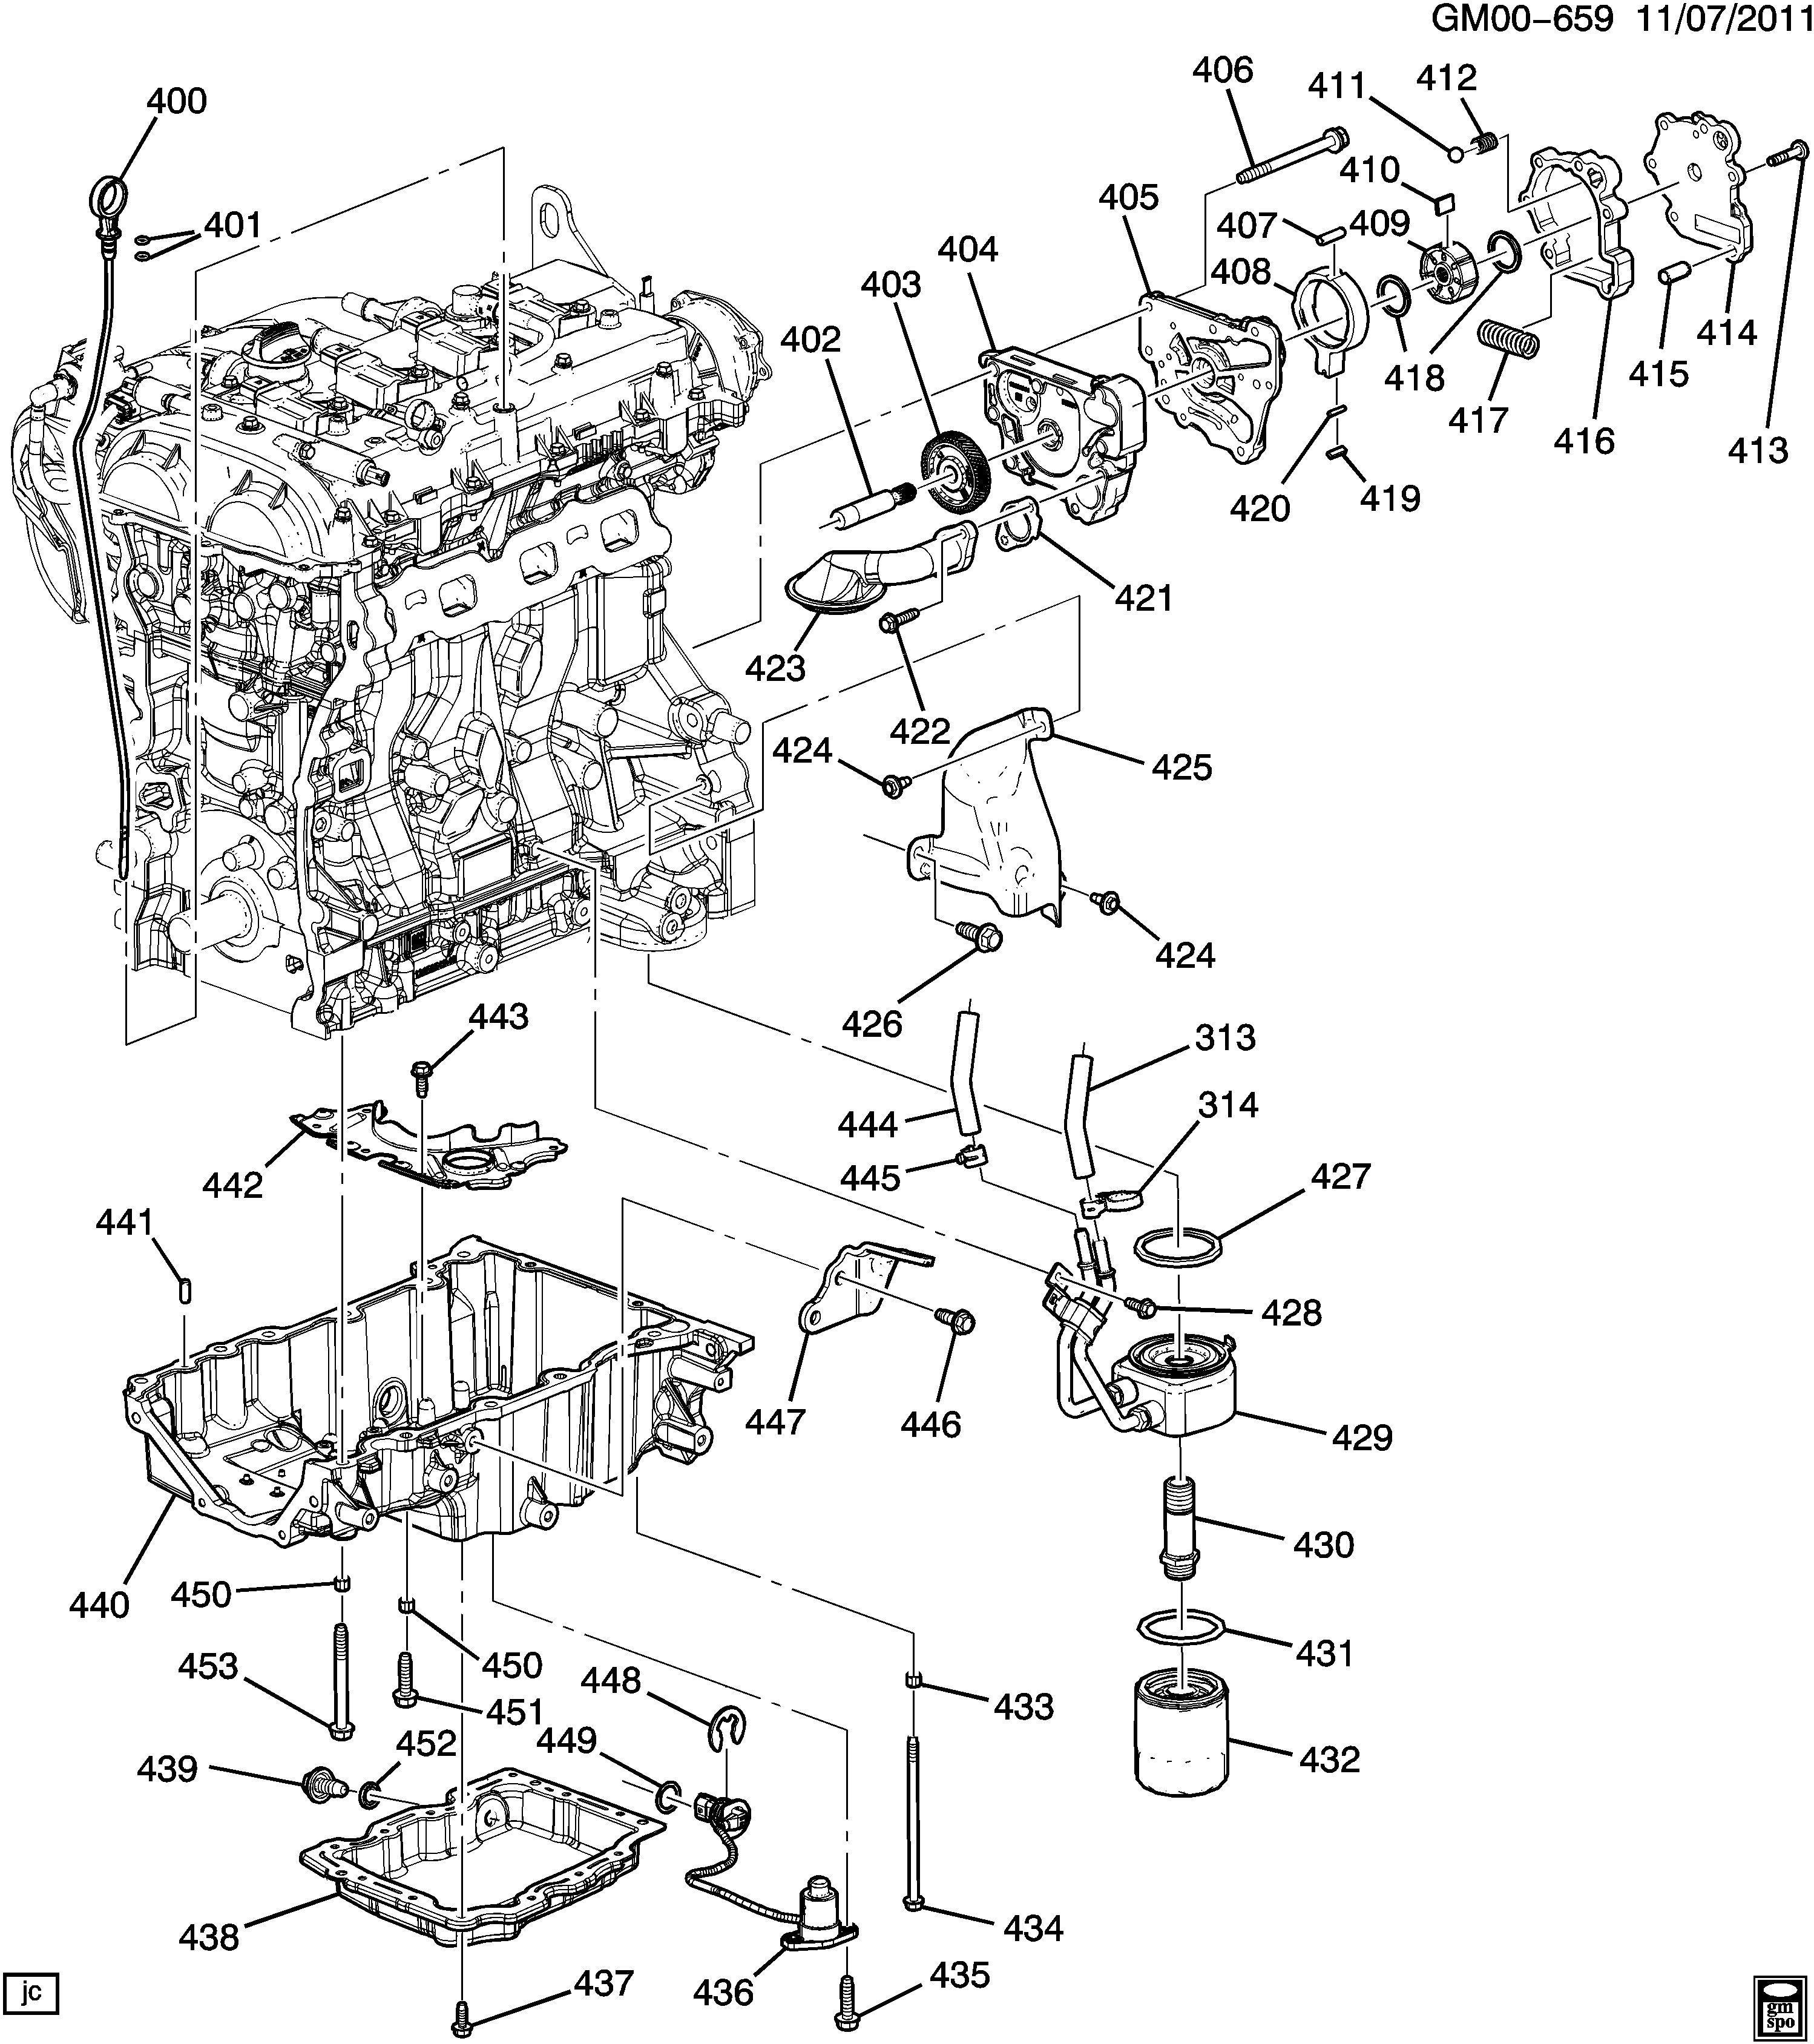 2006 holden rodeo stereo wiring diagram porsche 914 dodge caravan table source